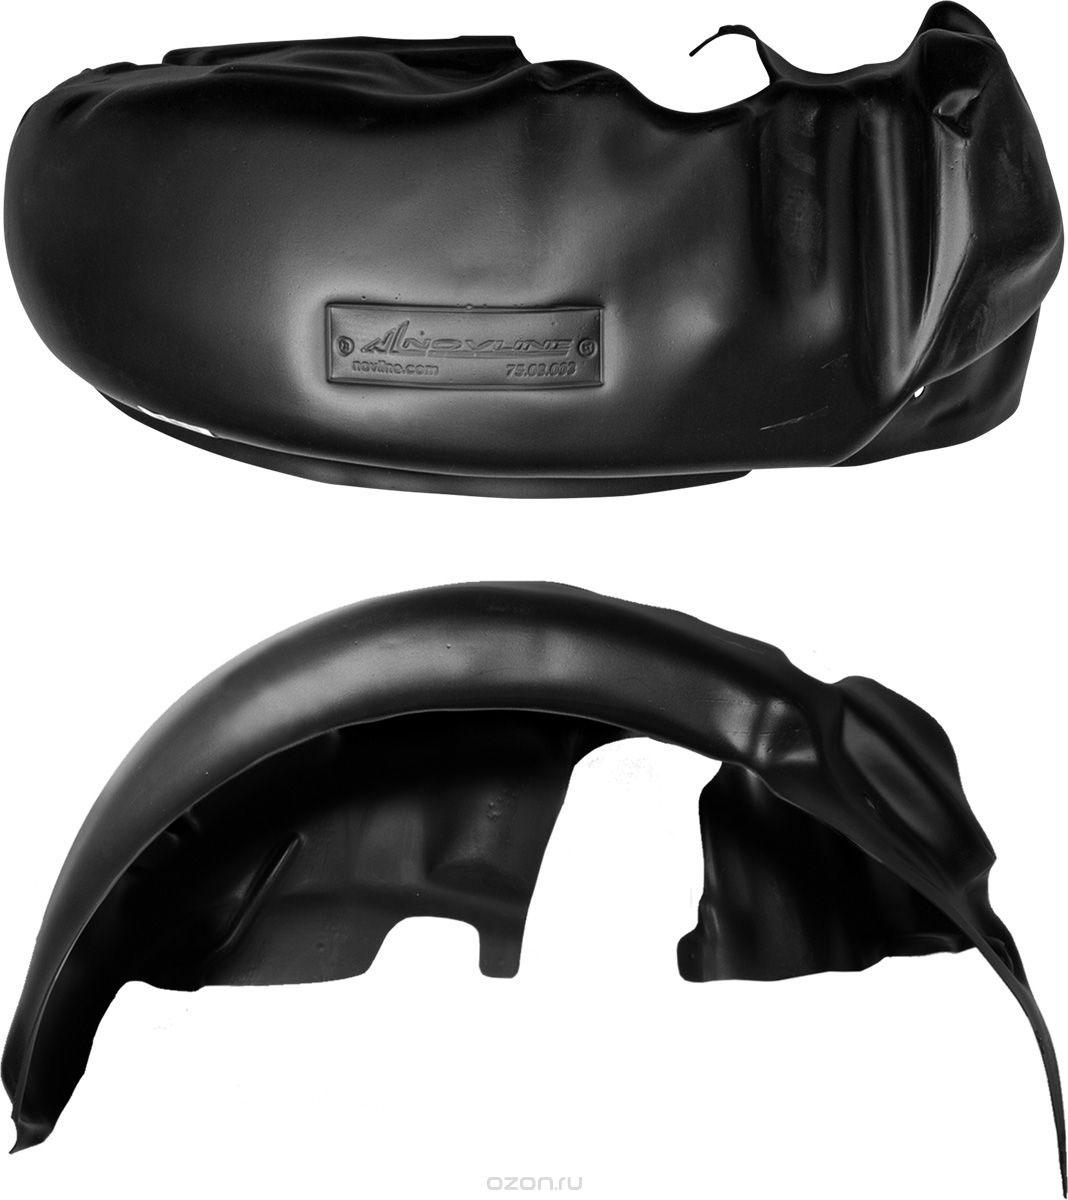 Подкрылок Novline-Autofamily, для CHERY Tiggo FL, 2013->, задний левыйREINWV535Идеальная защита колесной ниши. Локеры разработаны с применением цифровых технологий, гарантируют максимальную повторяемость поверхности арки. Изделия устанавливаются без нарушения лакокрасочного покрытия автомобиля, каждый подкрылок комплектуется крепежом. Уважаемые клиенты, обращаем ваше внимание, что фотографии на подкрылки универсальные и не отражают реальную форму изделия. При этом само изделие идет точно под размер указанного автомобиля.